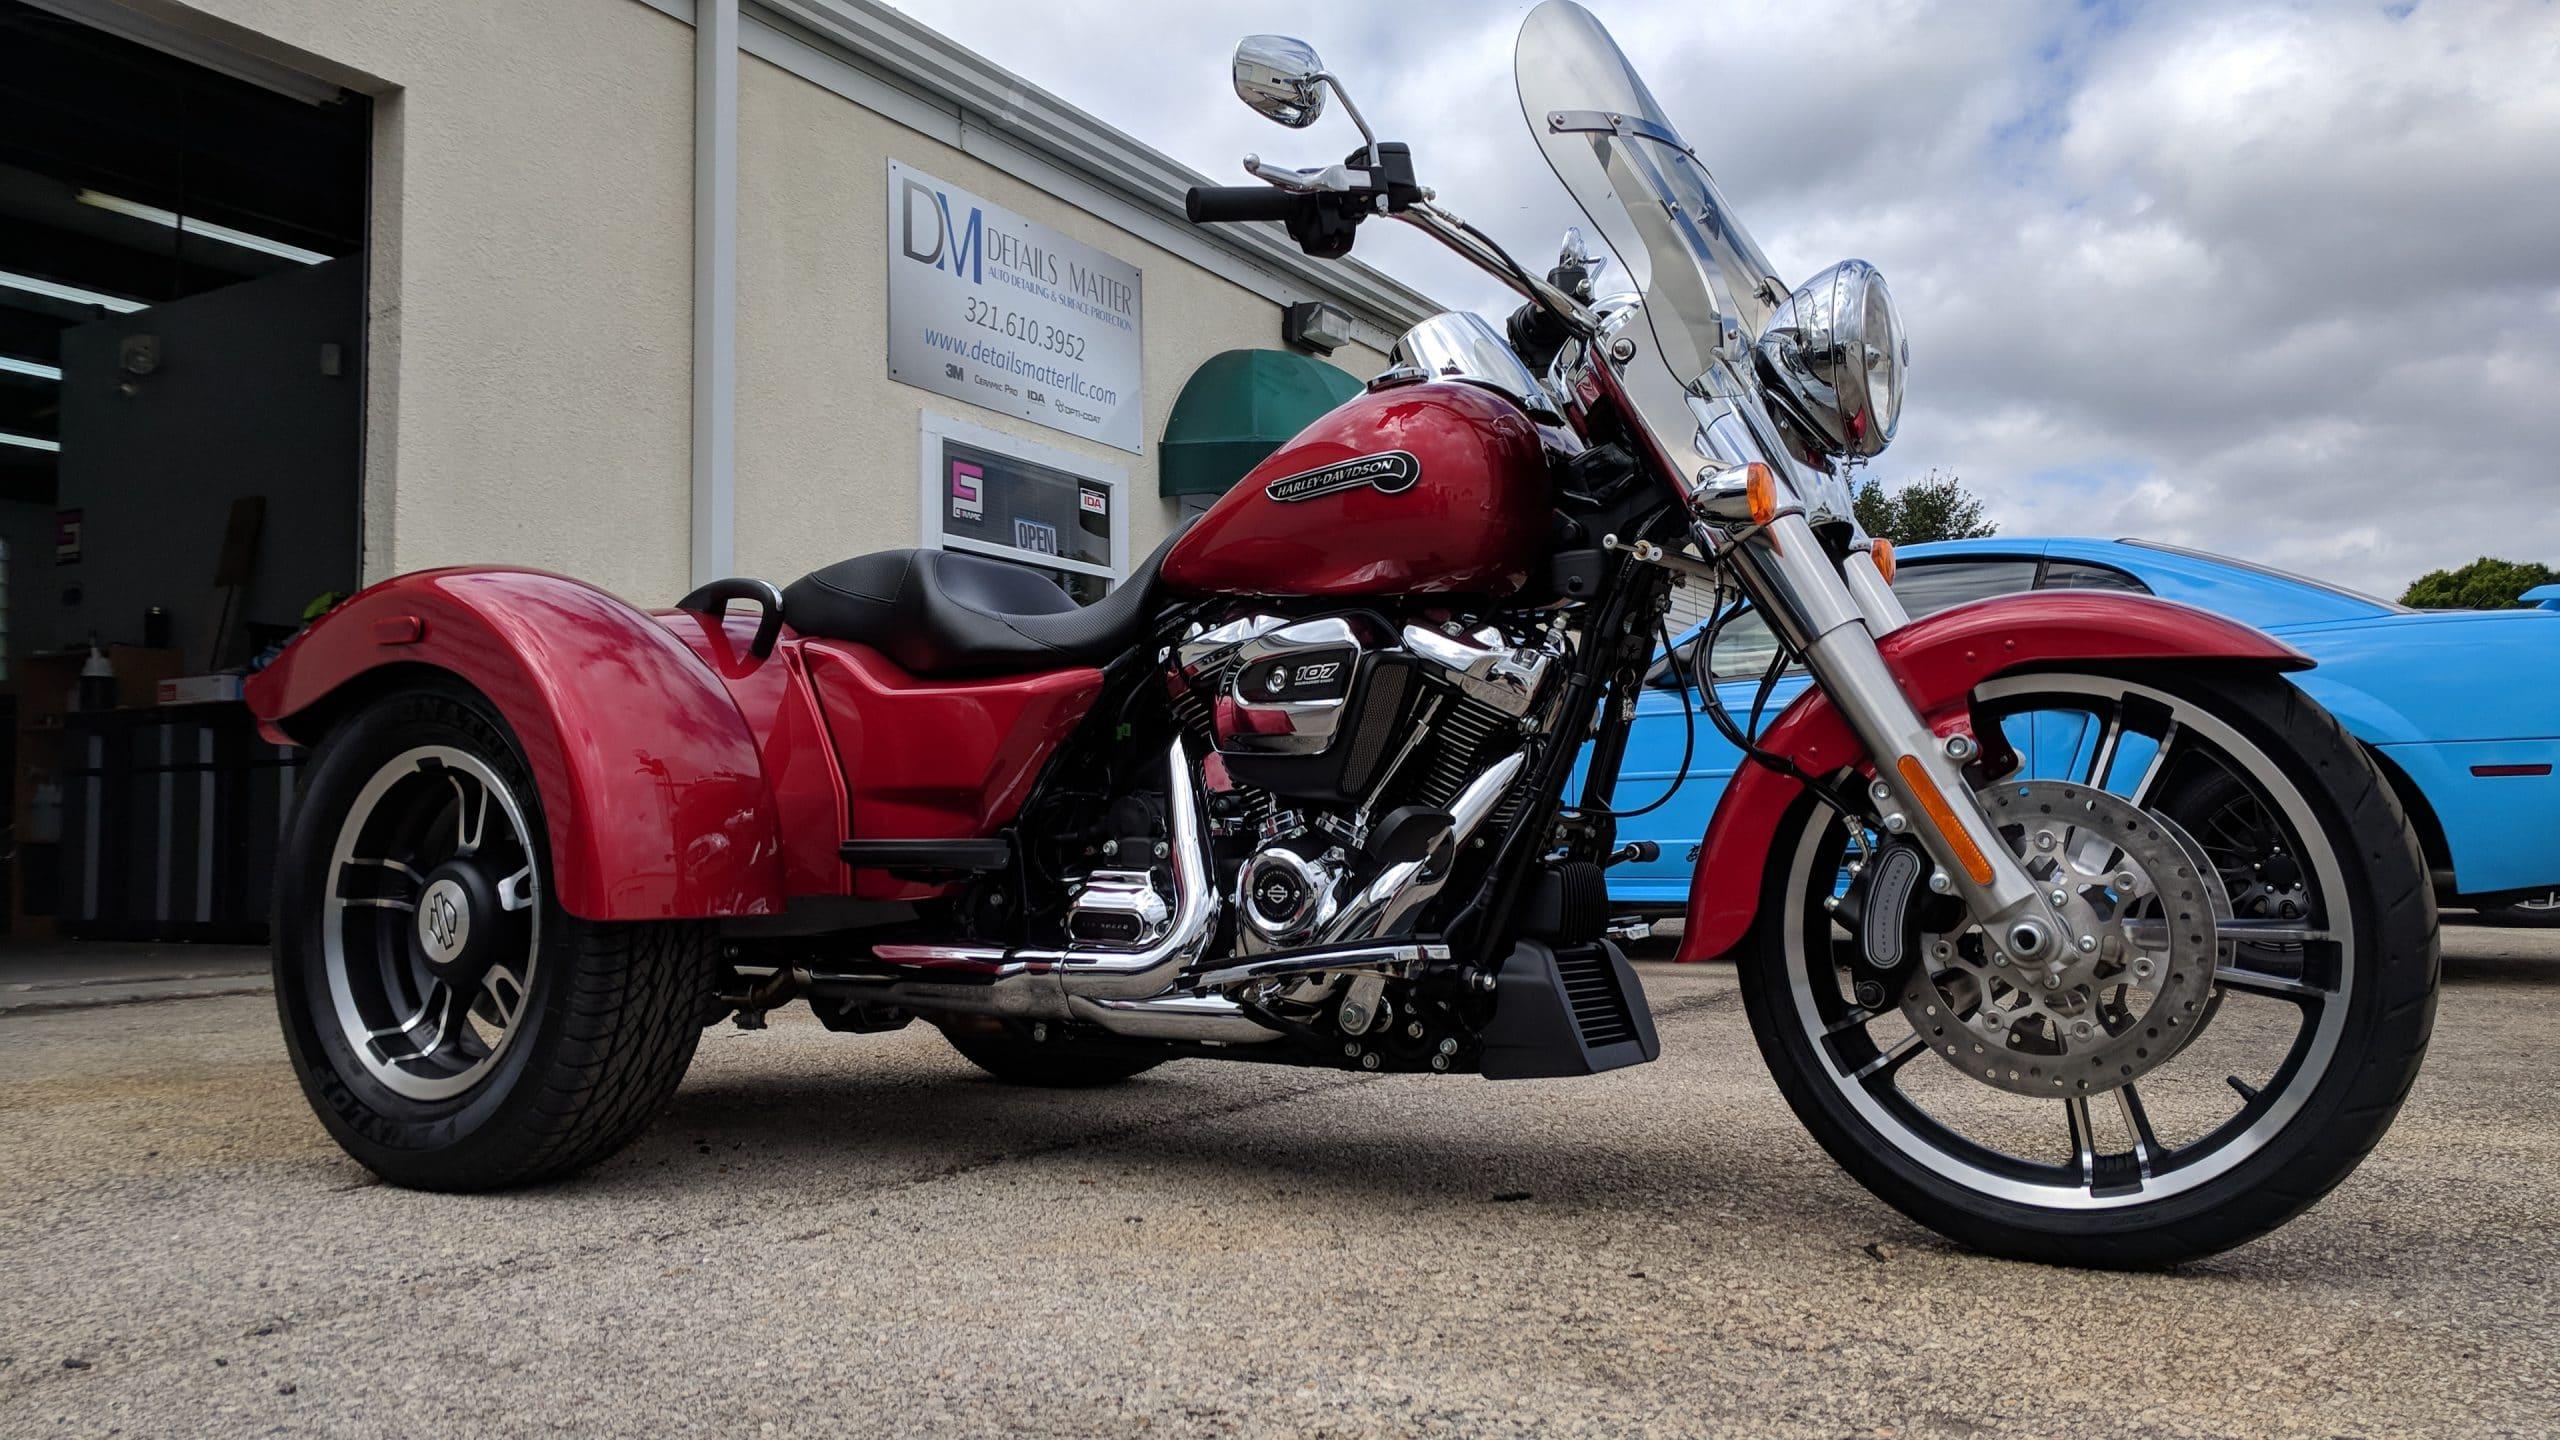 motorcycle detailing Melbourne FL